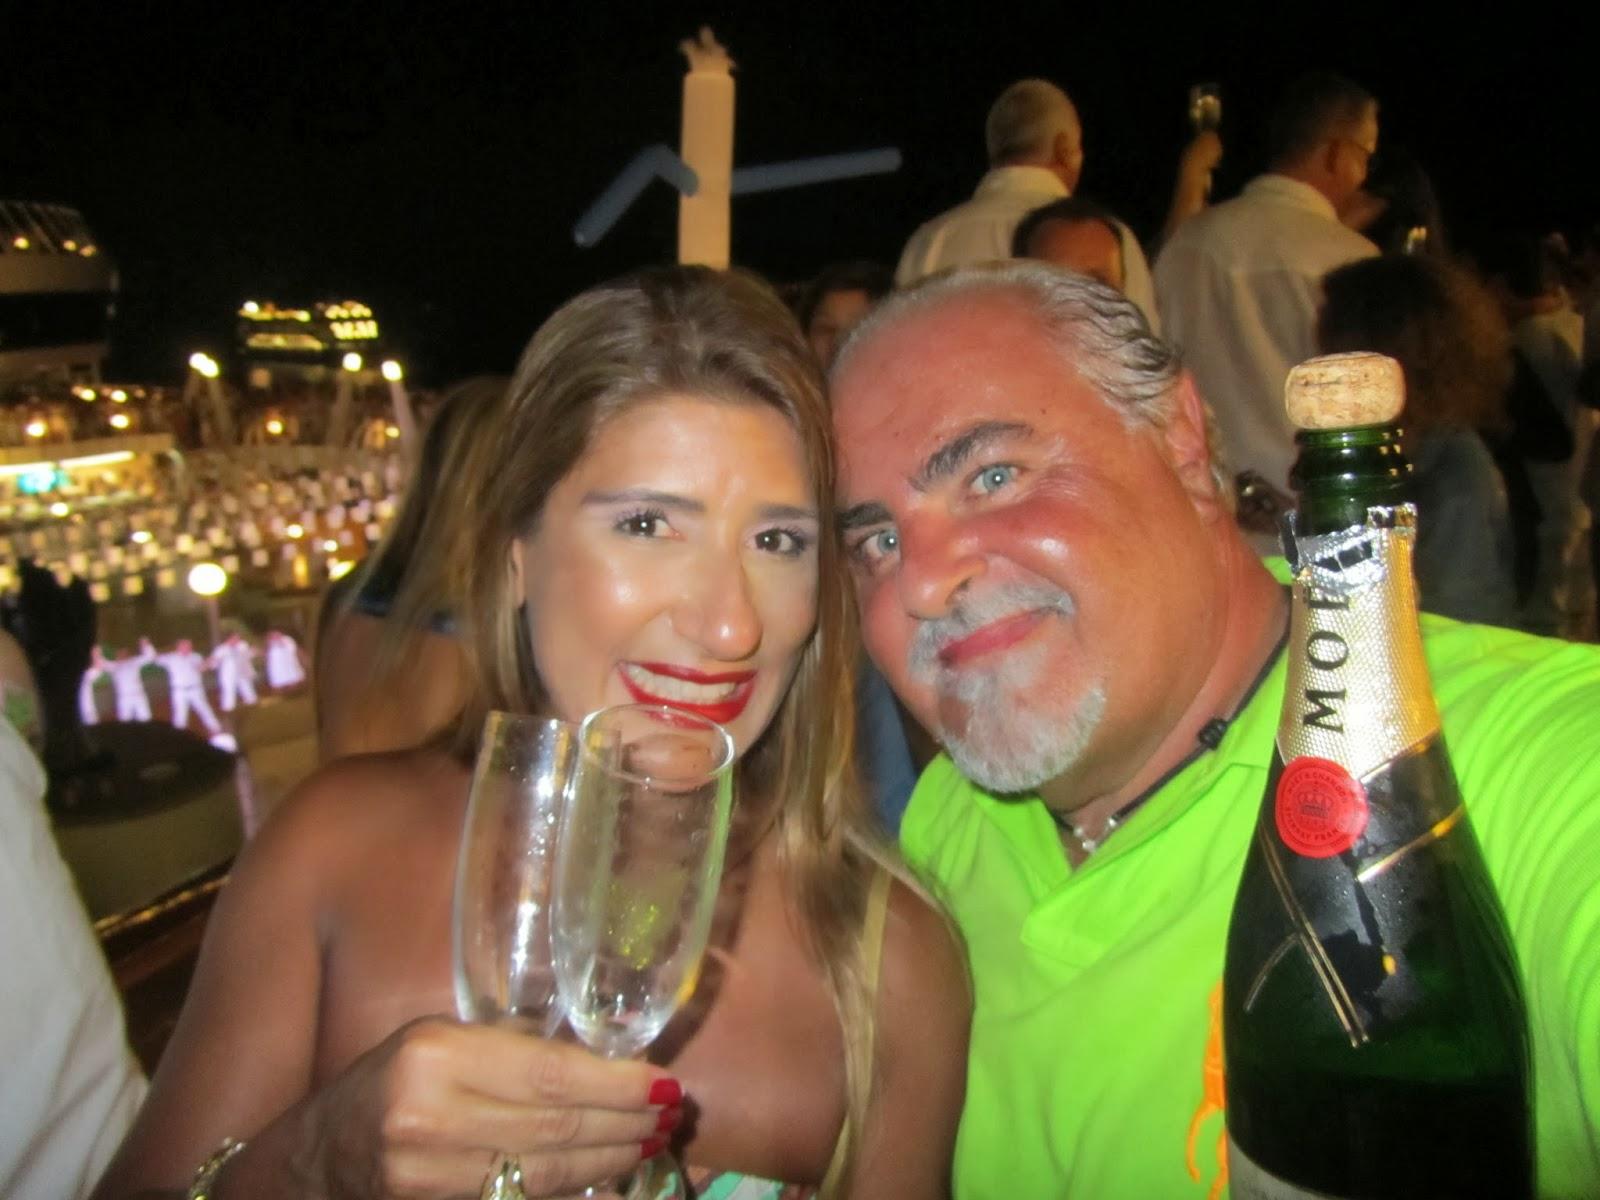 ed1ebef2fc Jo e Tadeu Ribeiro virada navio Copacabana Foto divulgação